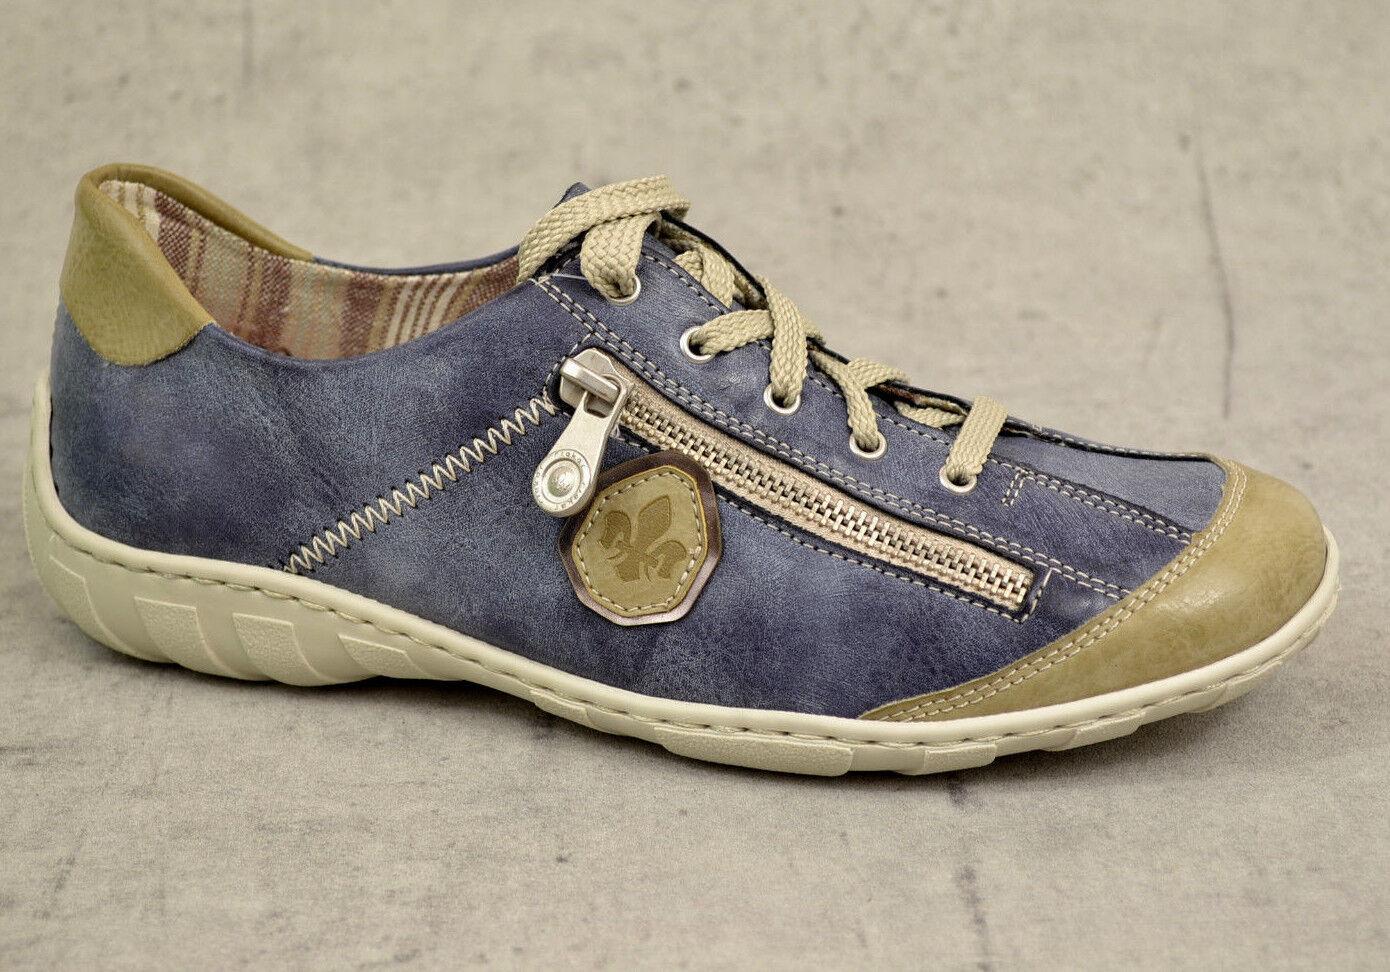 NUOVO Mocassini Rieker Donna Estate Scarpe Mocassini NUOVO Sneaker Blu 37,38,39,40,41,42 251838